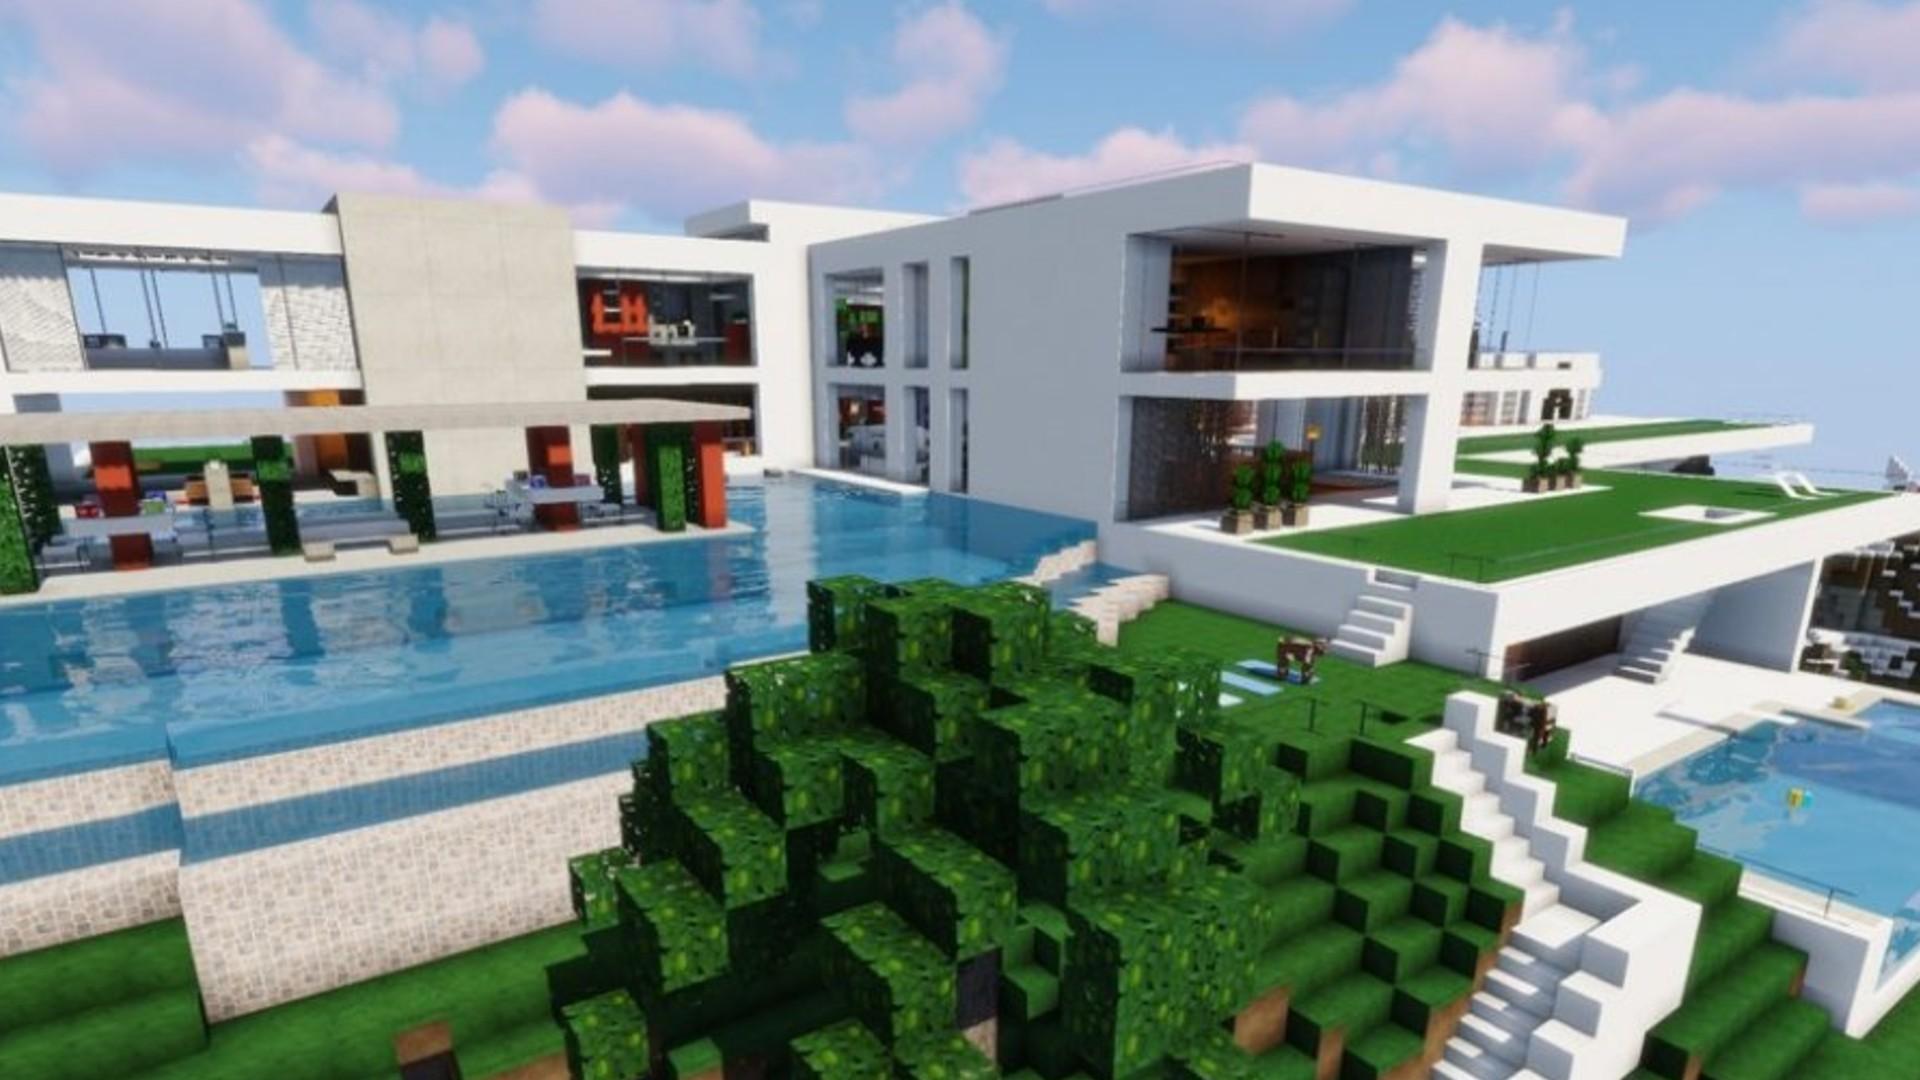 Modelli Di Case Da Costruire fantastiche case minecraft: idee per la tua prossima costruzione